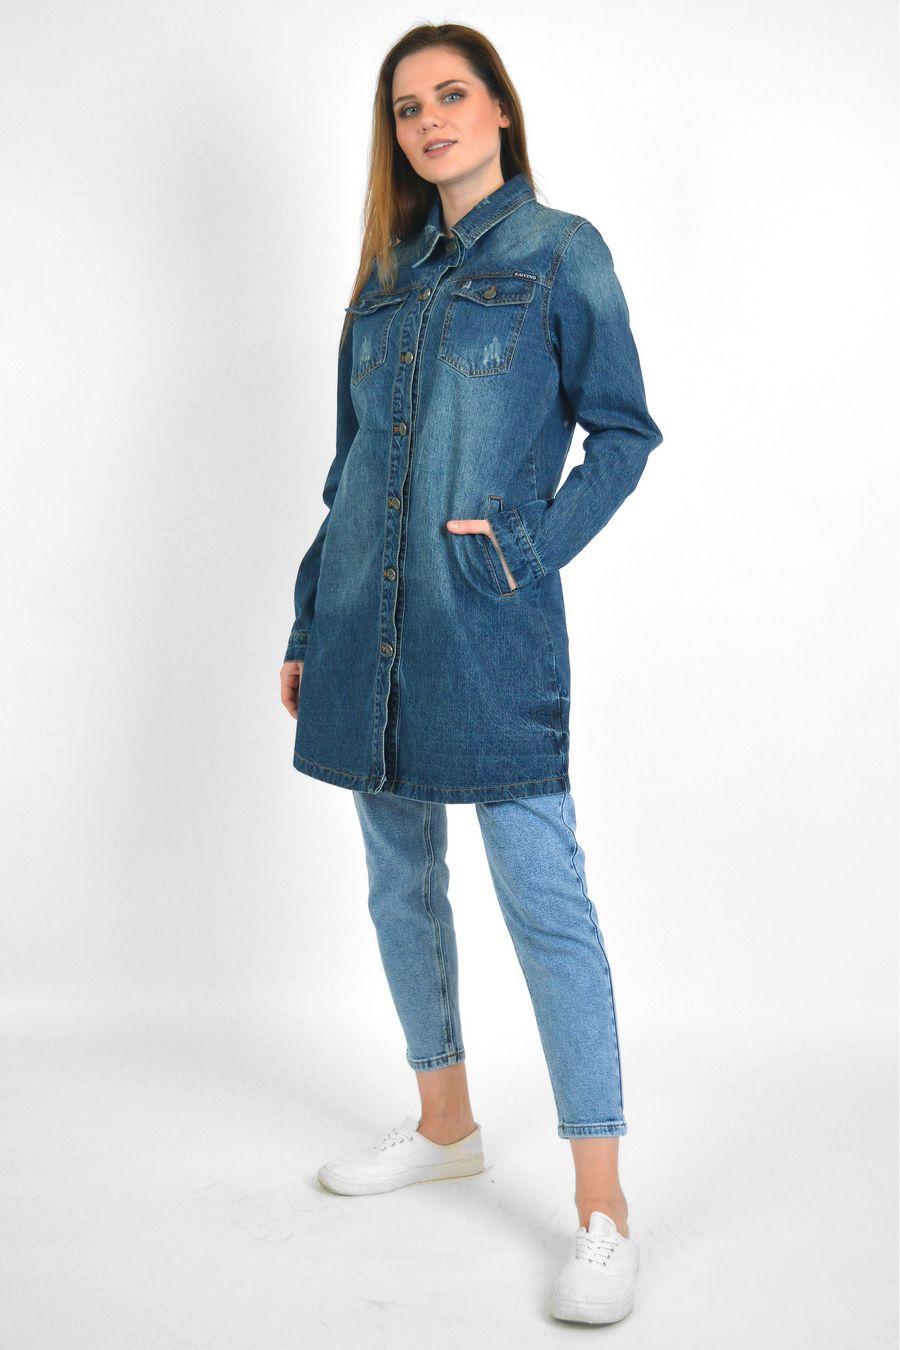 Рубашка женская Baccino 6099 джинсовая - фото 1